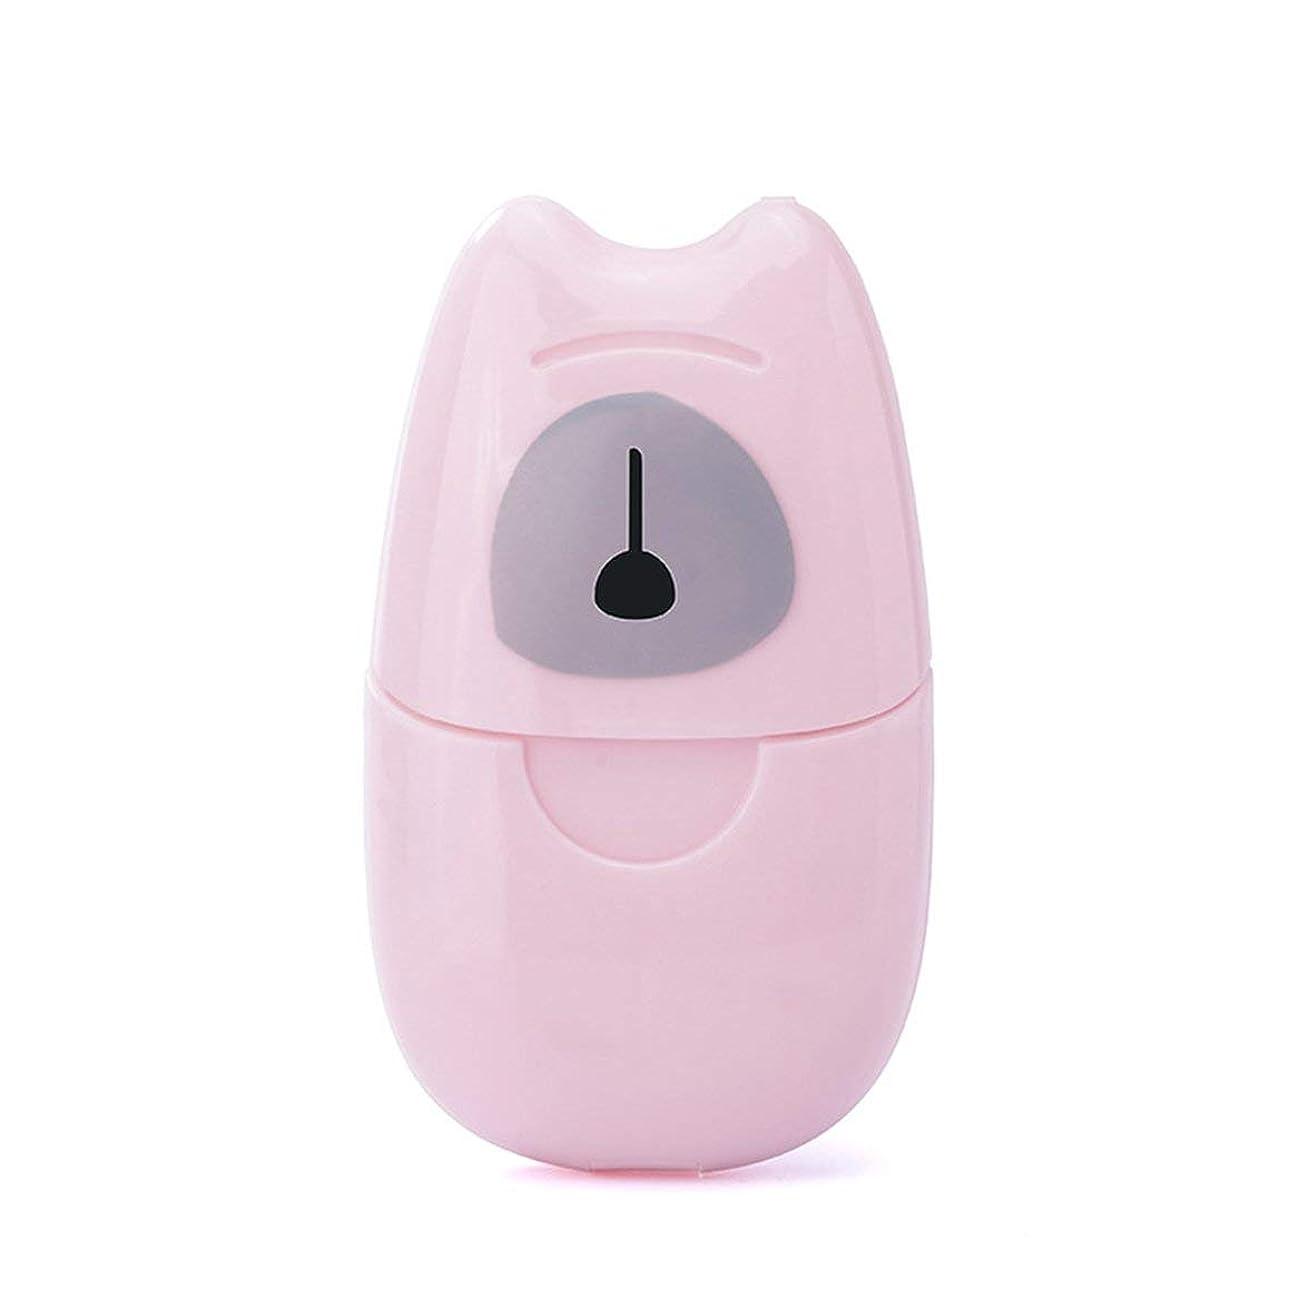 体細胞有名ピカリング箱入り石鹸紙旅行ポータブル屋外手洗い石鹸香料入りスライスシート50ピースプラスチックボックス付きミニ石鹸紙-ピンク